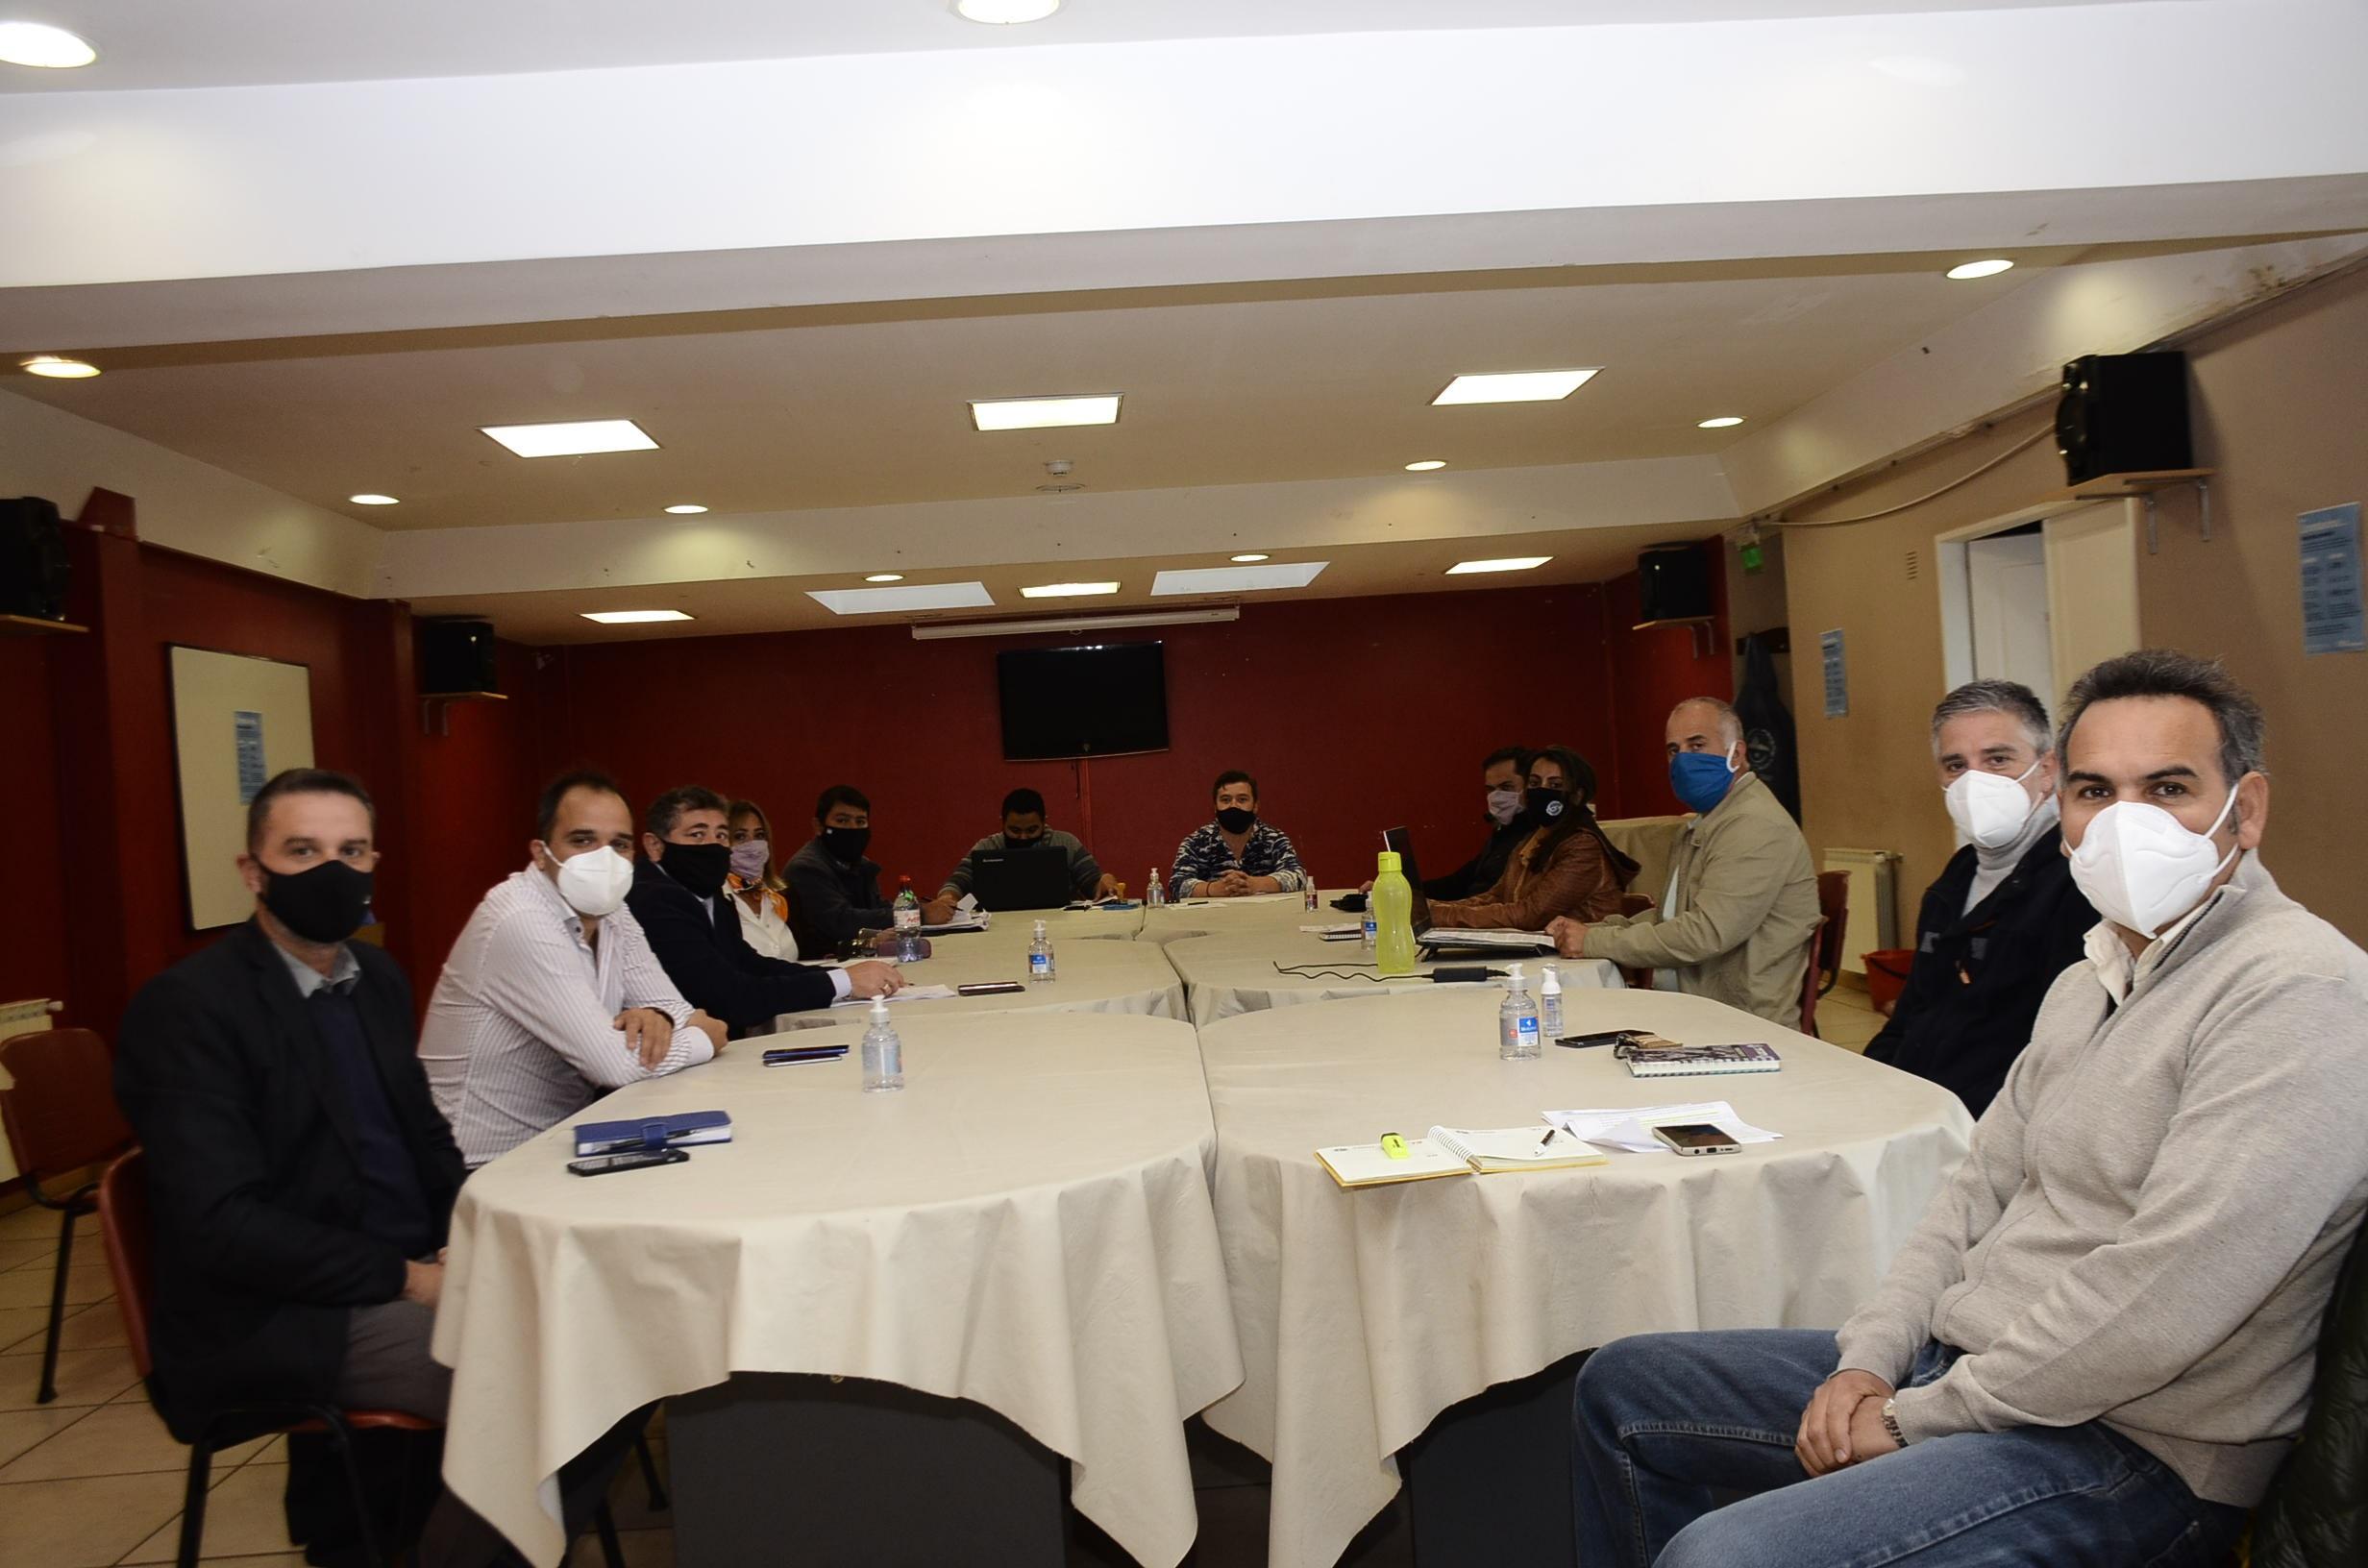 Mesa de paritaria docente en instalaciones de Fomicruz en Río Gallegos. FOTO: JOSÉ SILVA/LA OPINIÓN AUSTRAL